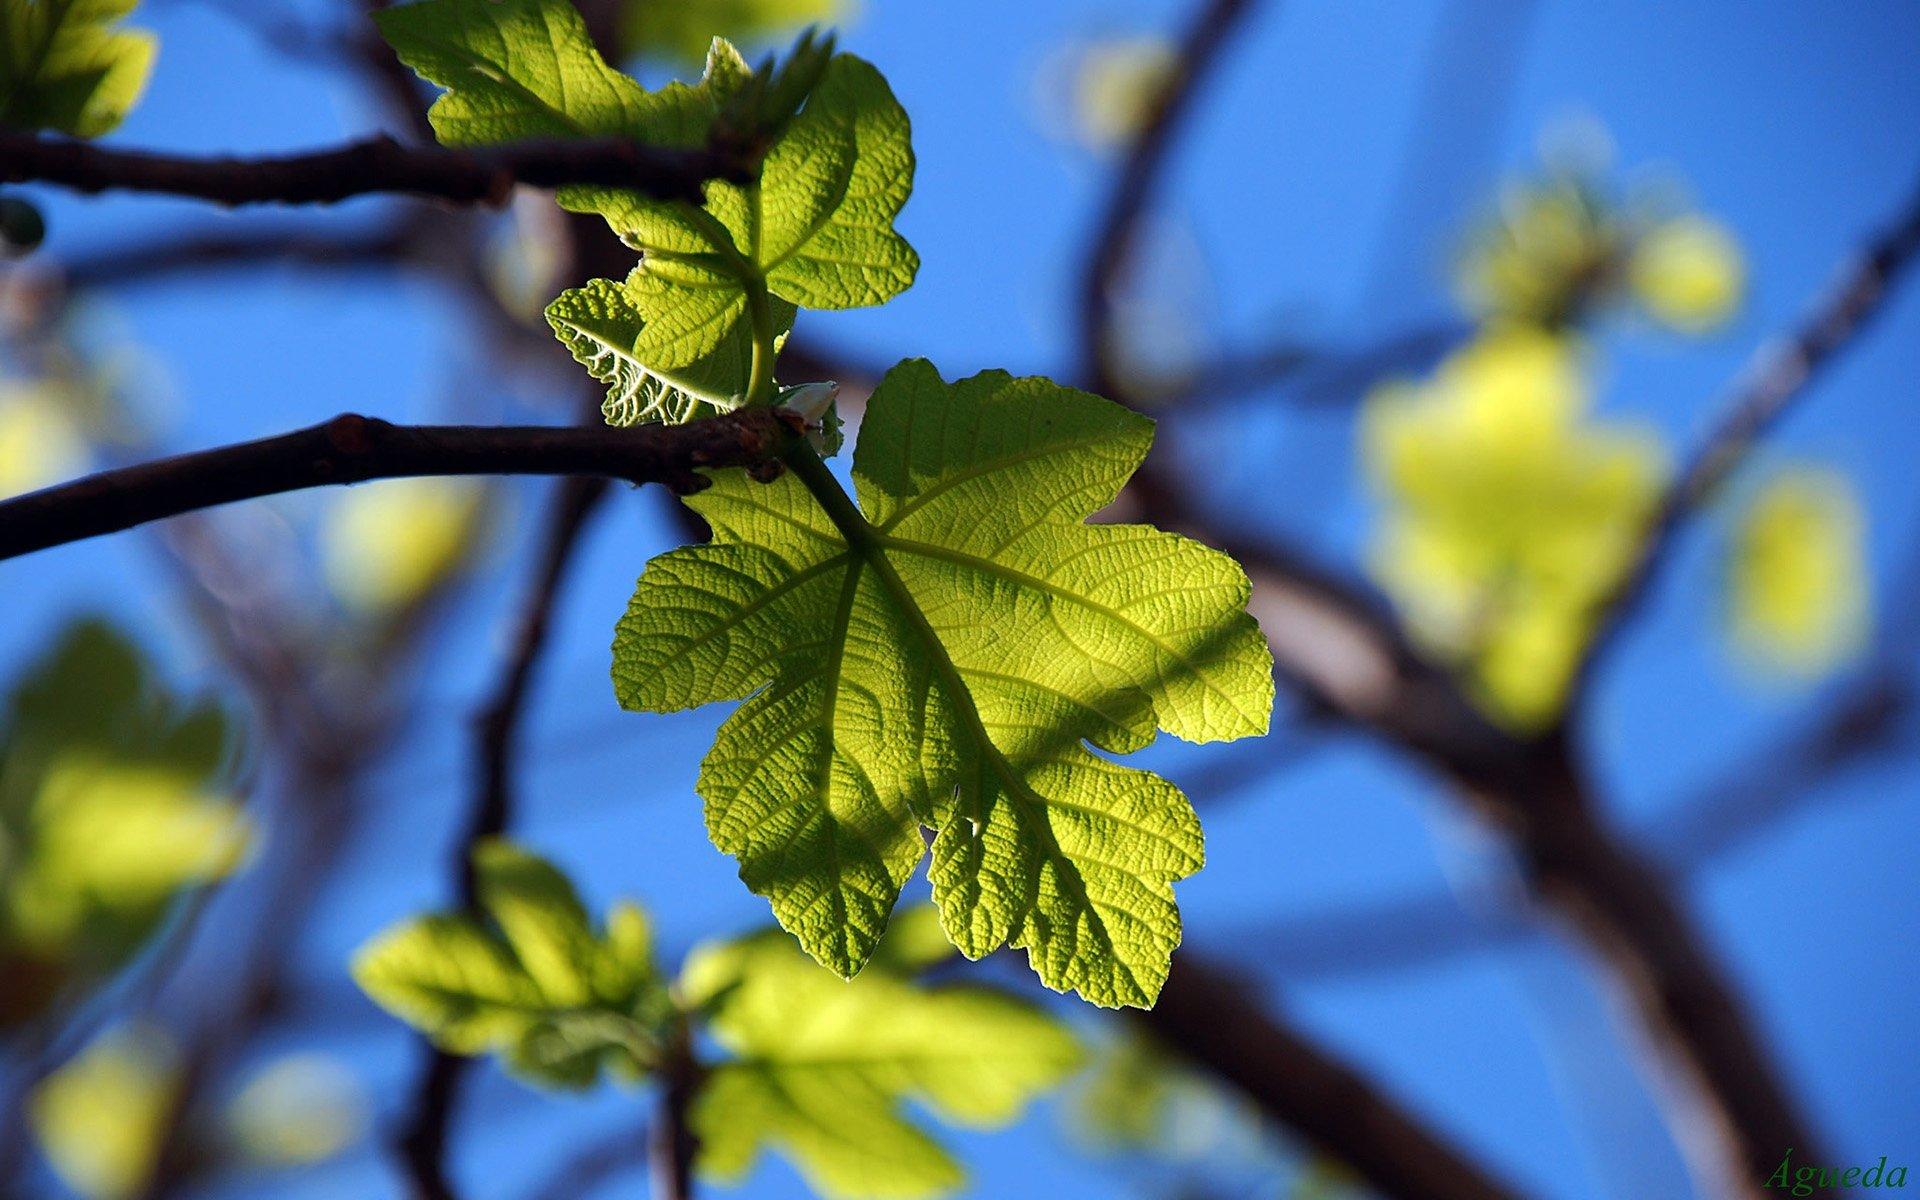 makro yeşil yaprak